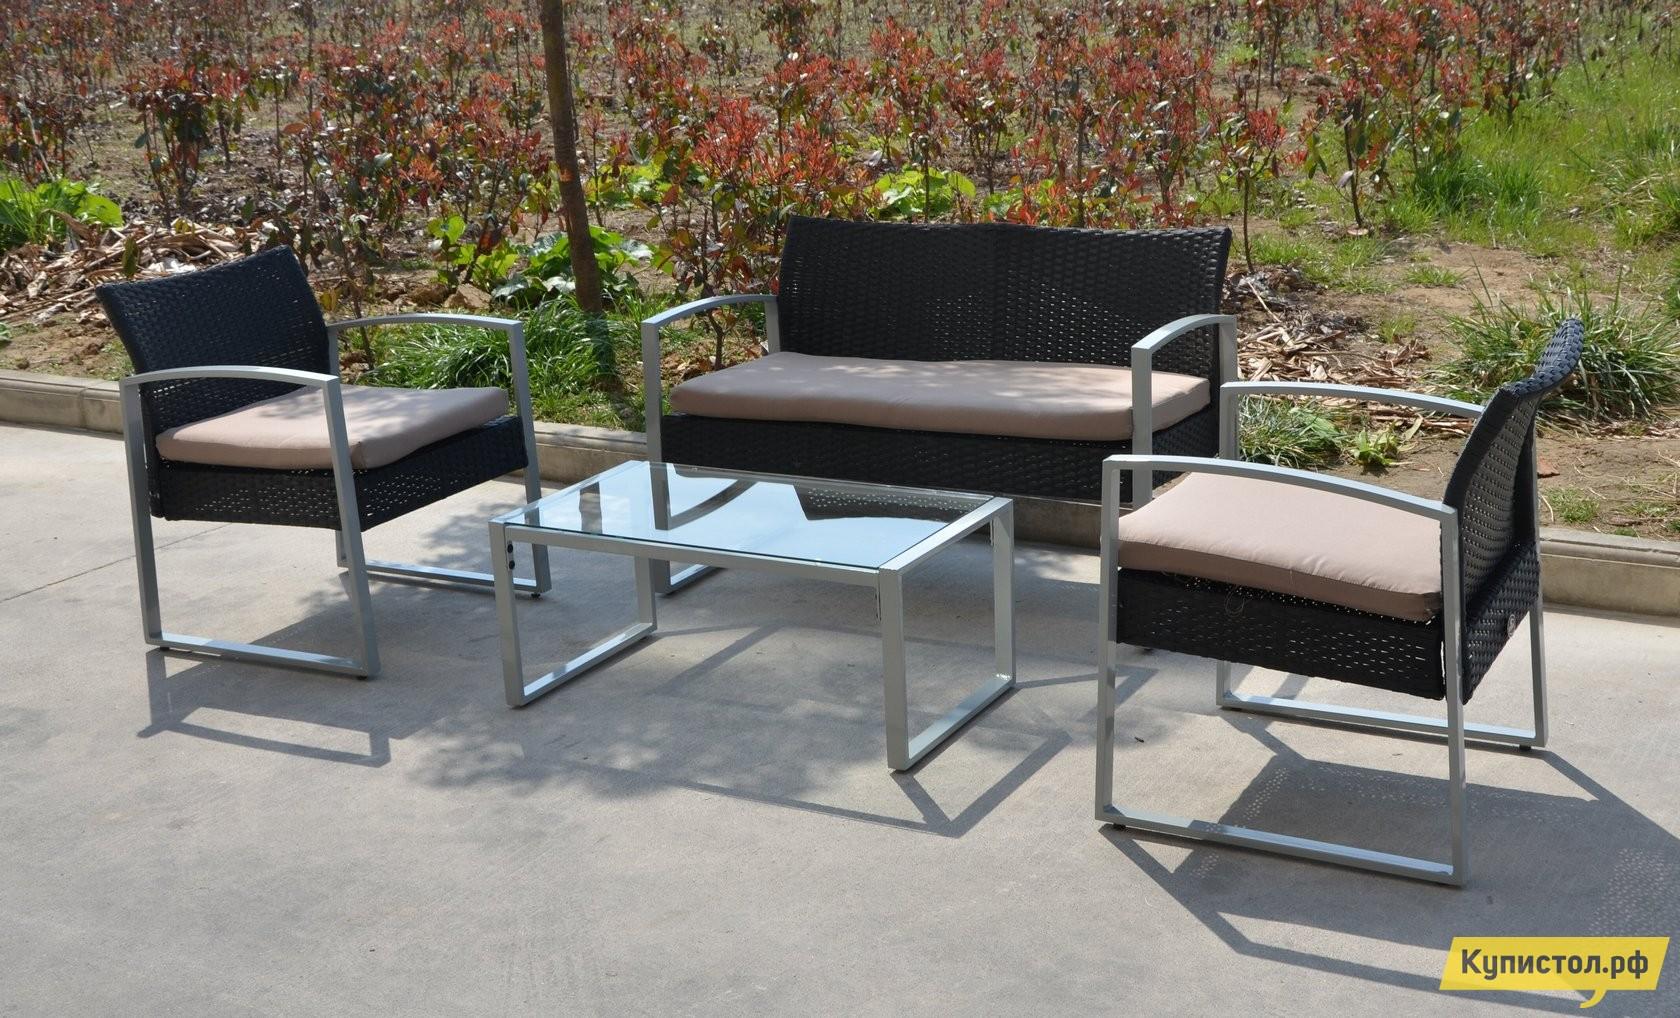 Комплект плетеной мебели Kvimol KM-0314 Коричневый иск. ротанг  / Бежевые подушки